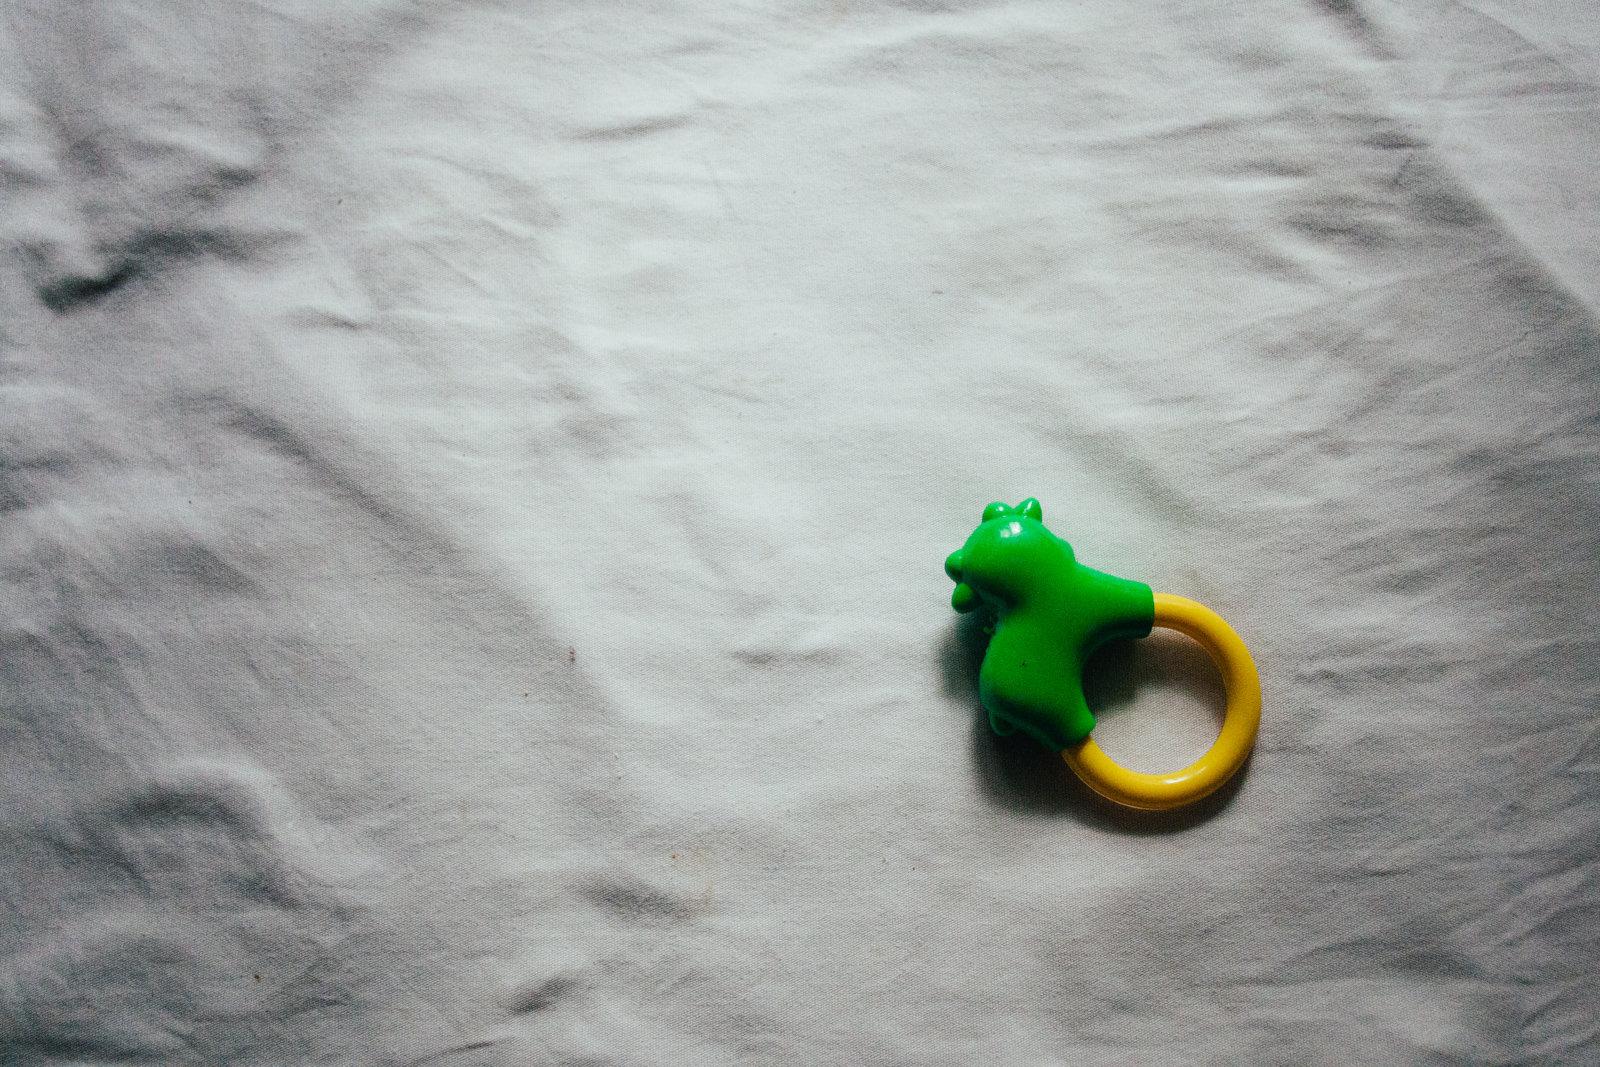 DOM_2011_09_09_TB10643.jpg